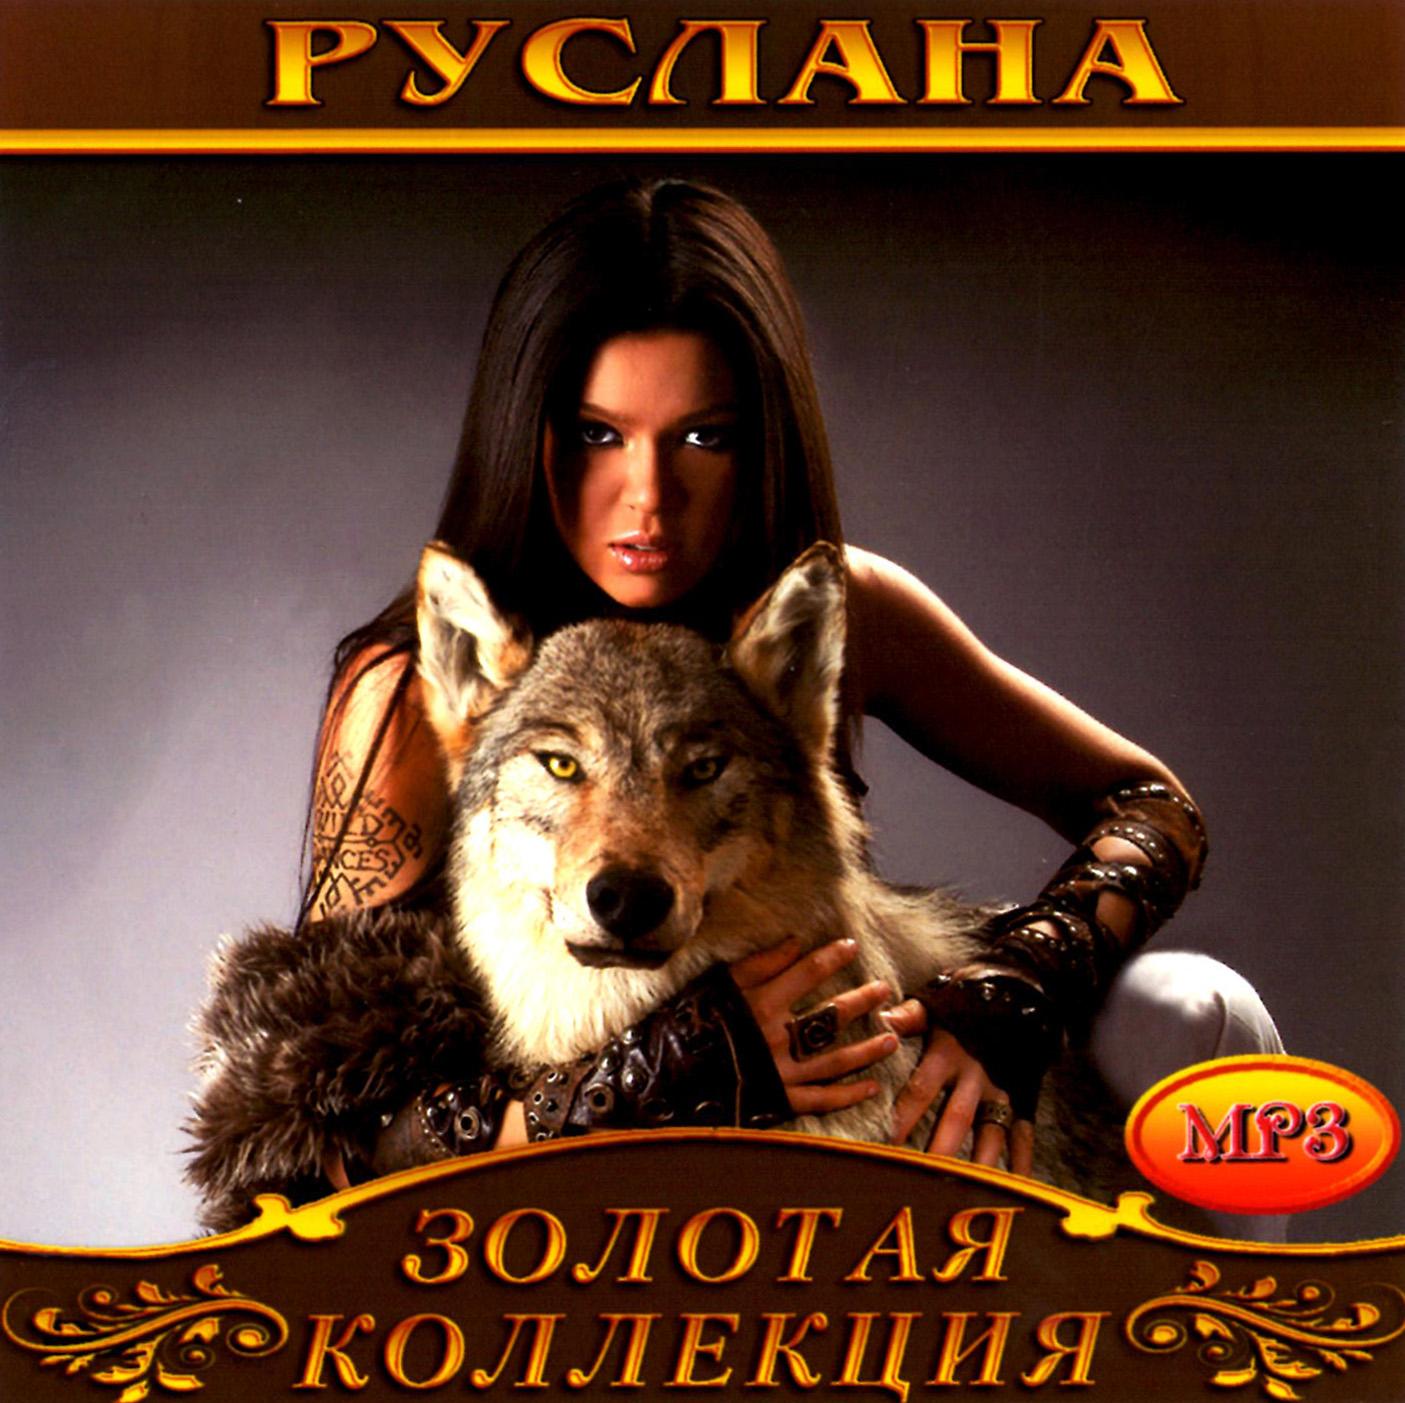 Руслана [mp3]